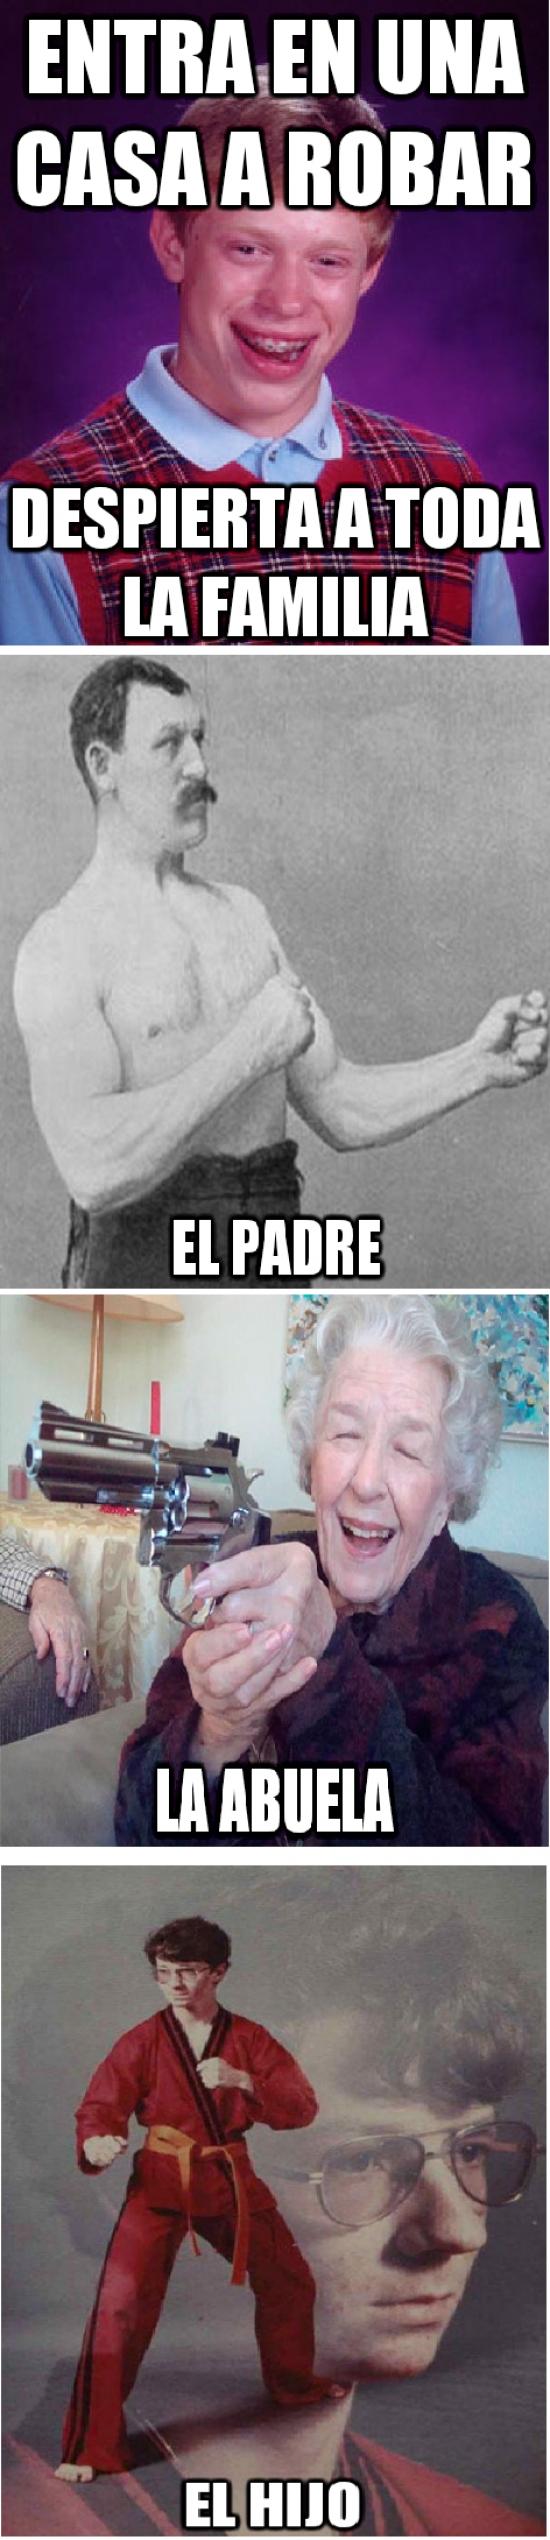 abuela amenazas,bad luck brian,casa esquivocada,entrar a robar,karate kyle